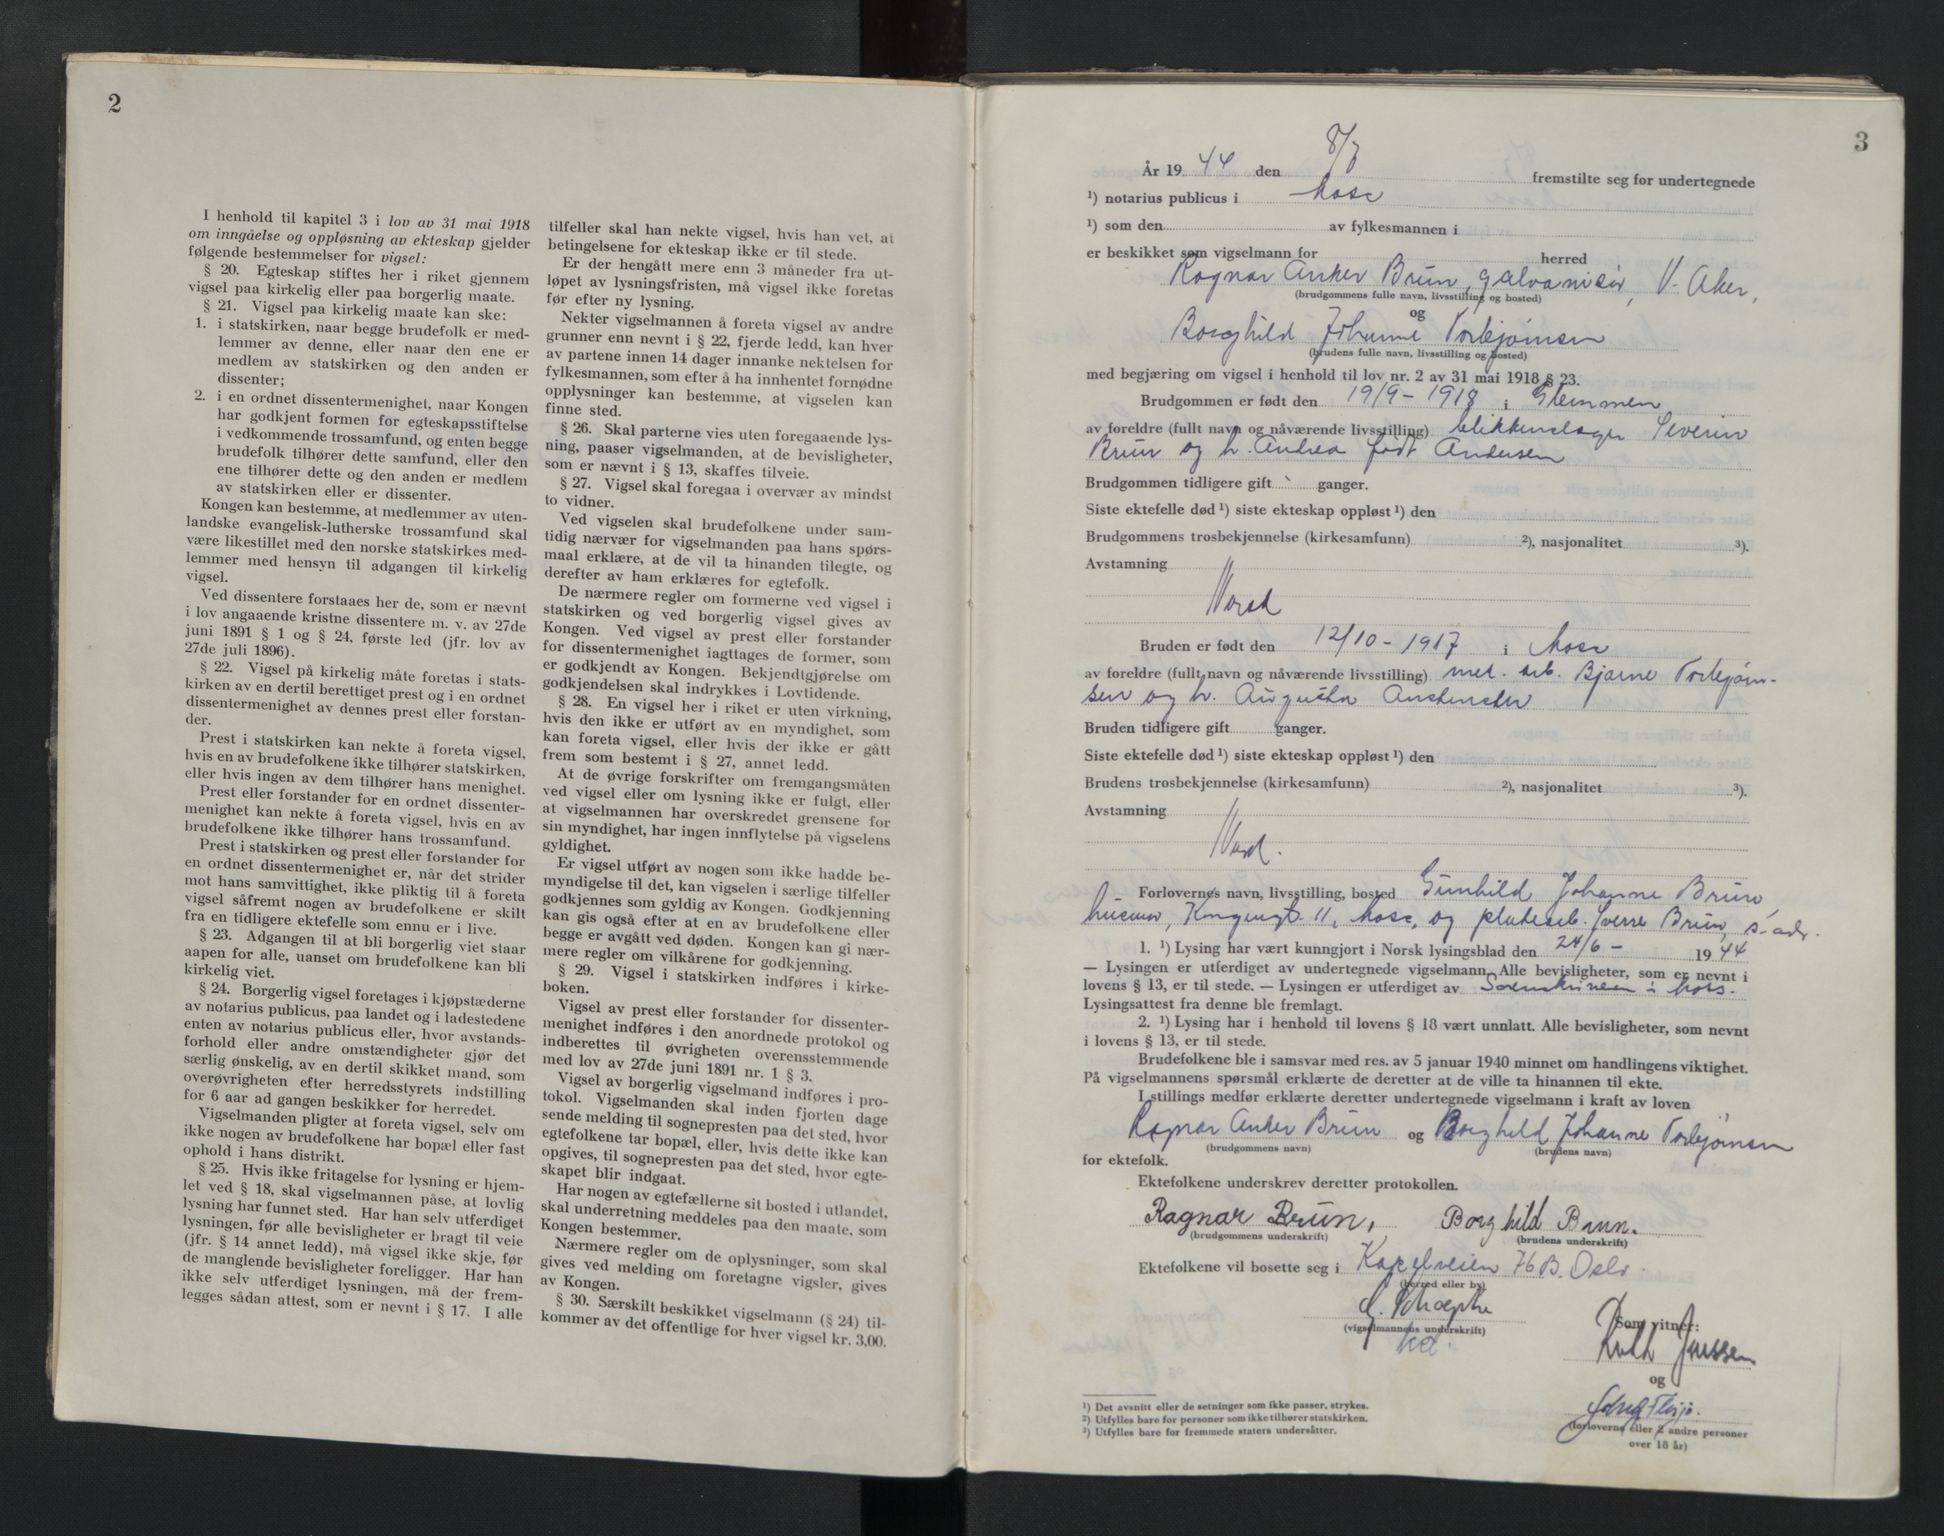 SAO, Moss sorenskriveri, 1944-1945, s. 2-3